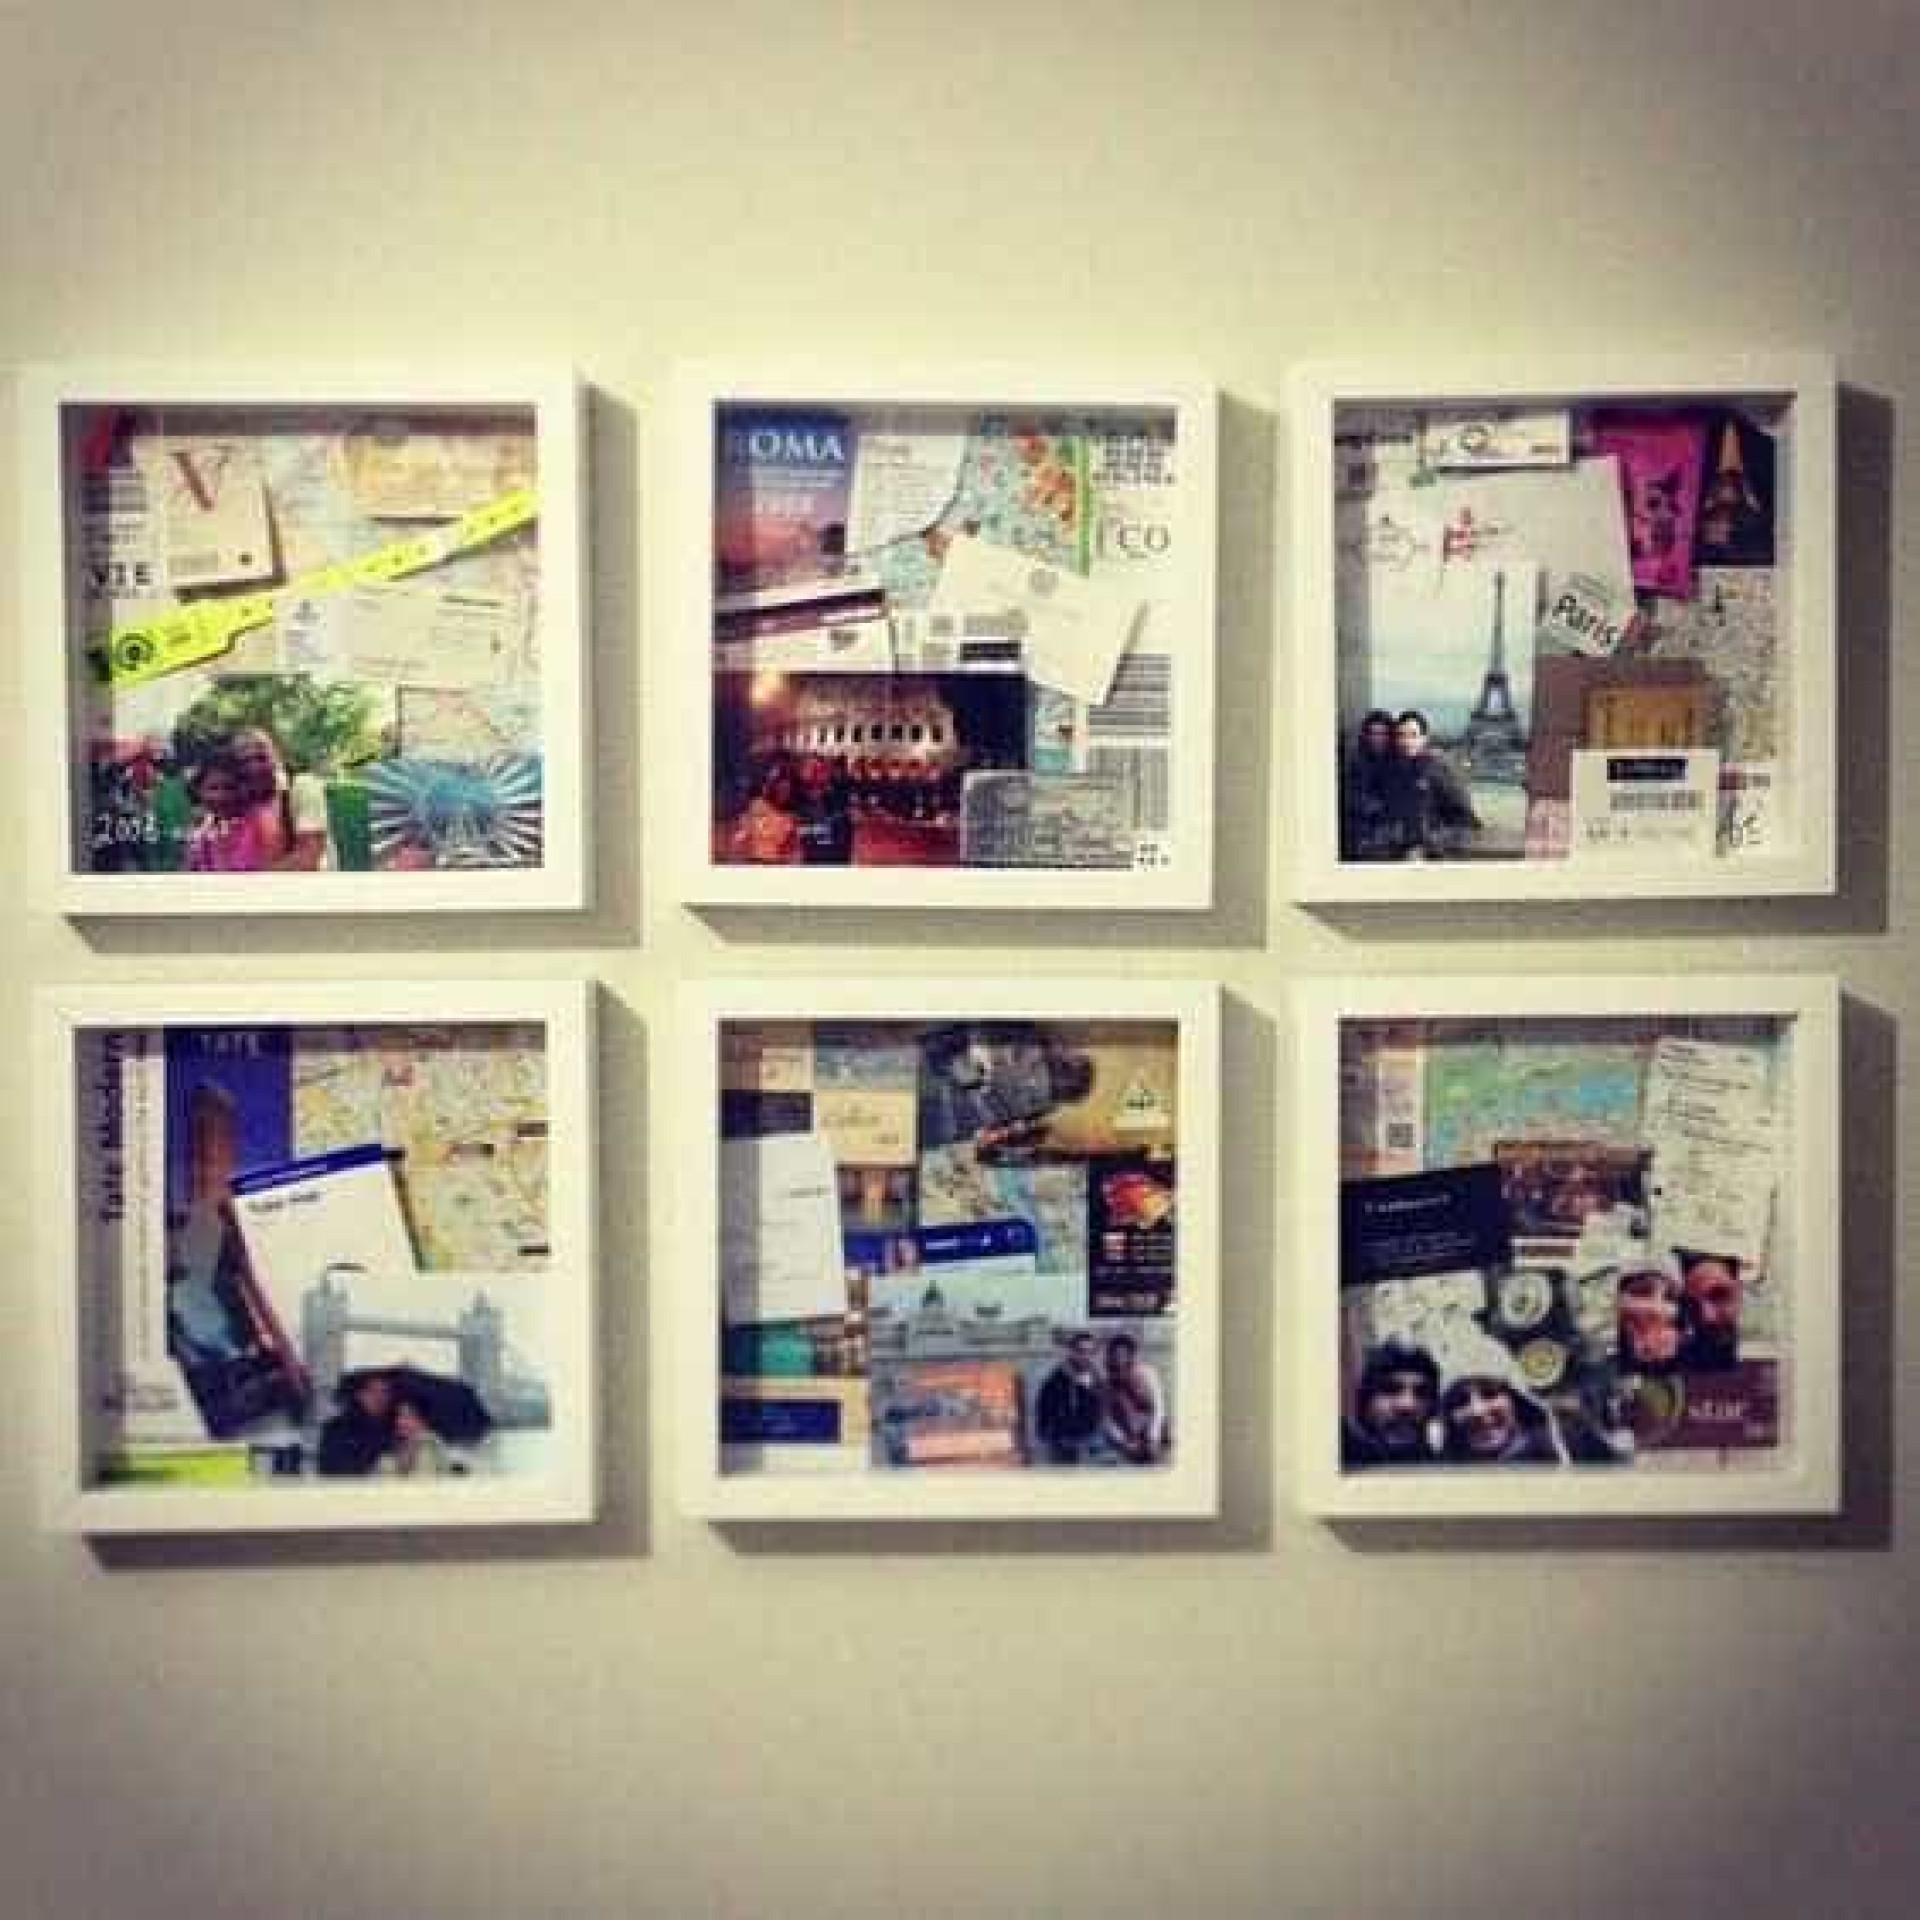 Como decorar a casa com lembranças de viagens sem gastar muito